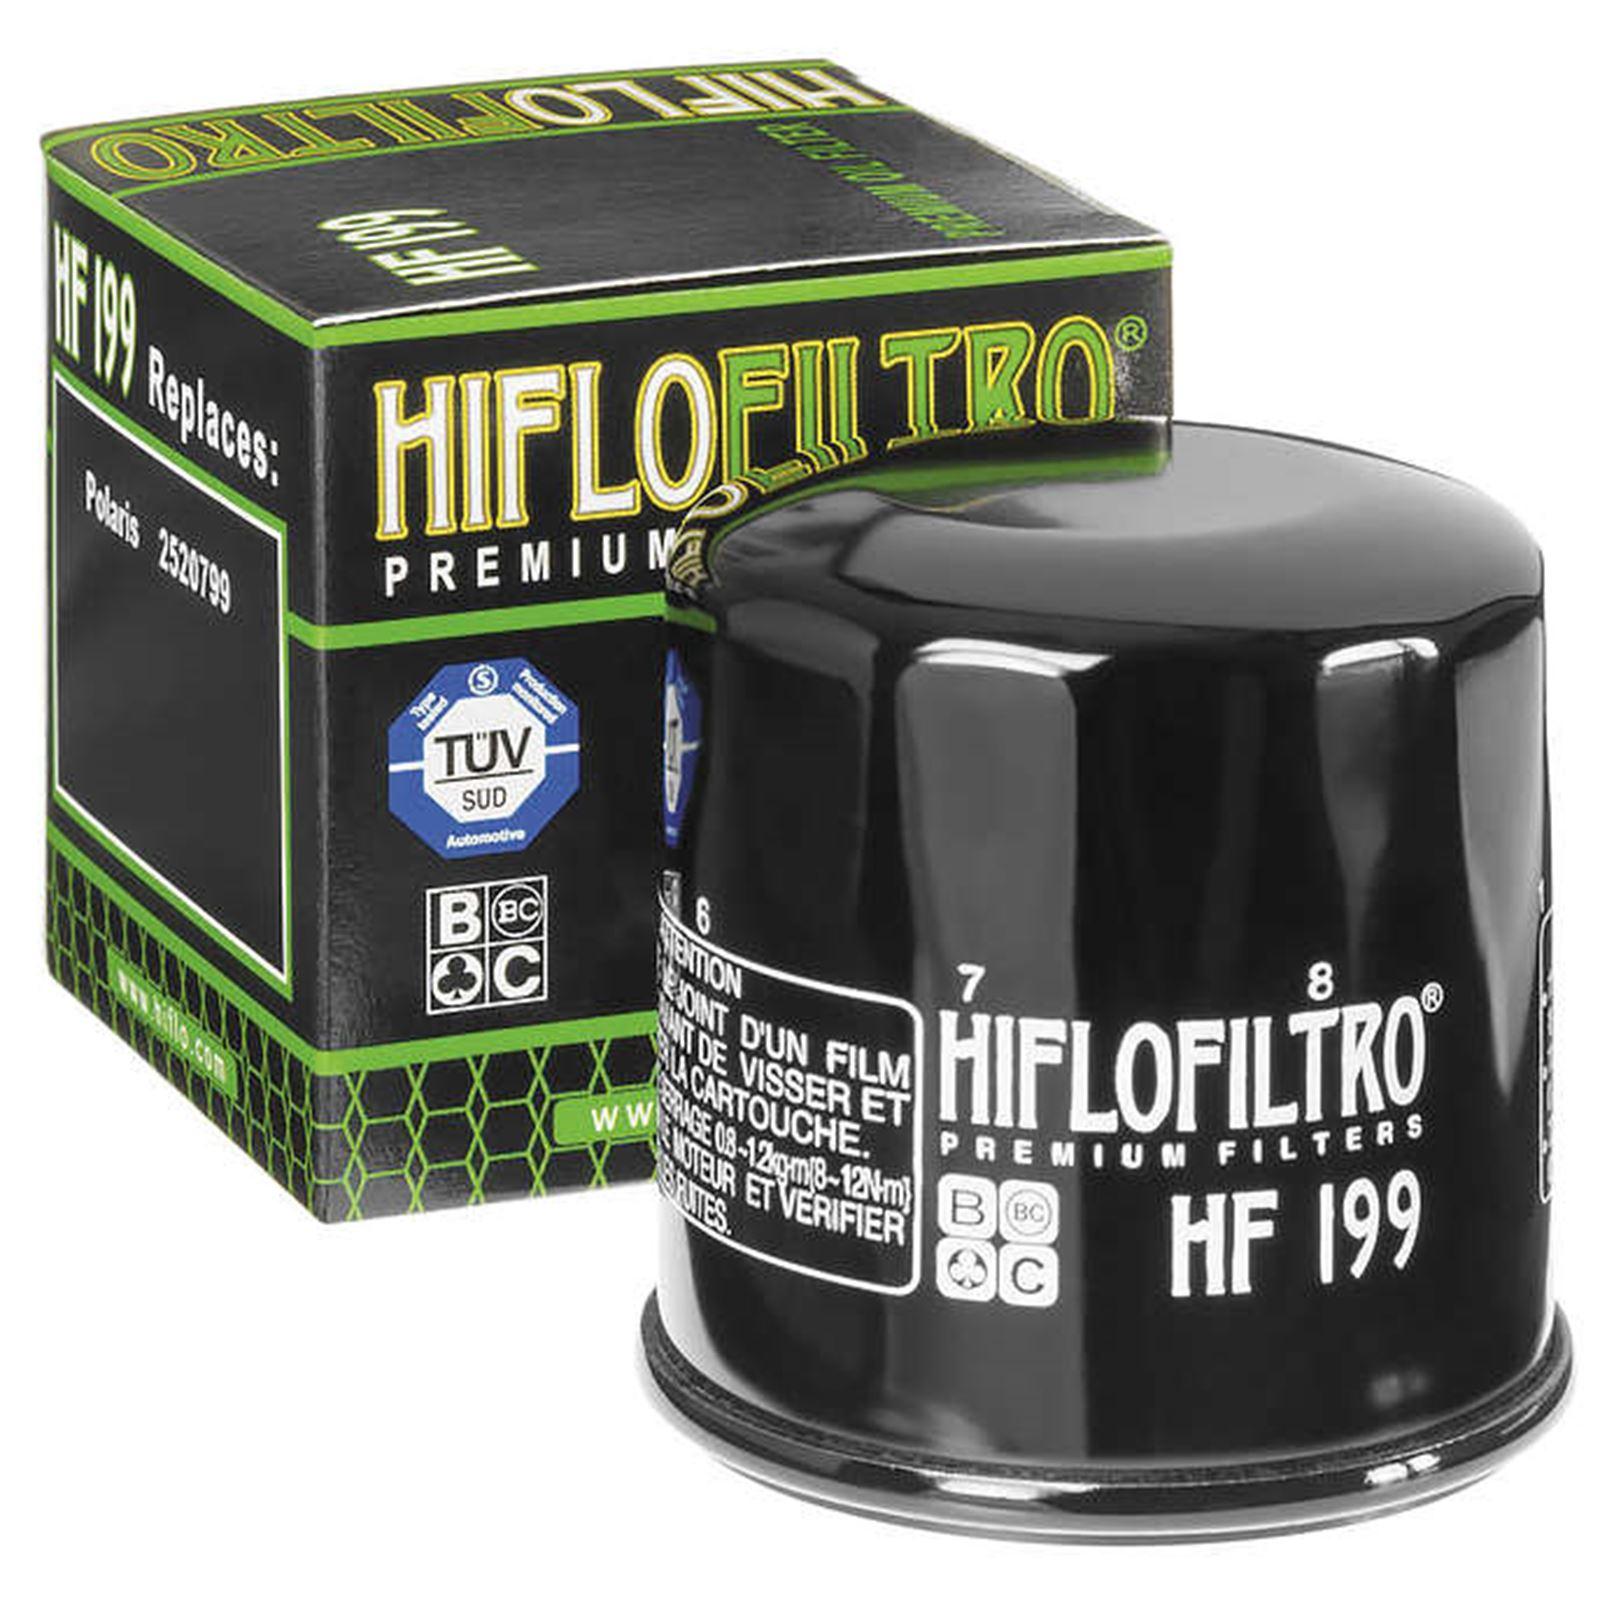 Hiflofiltro Oil Filter